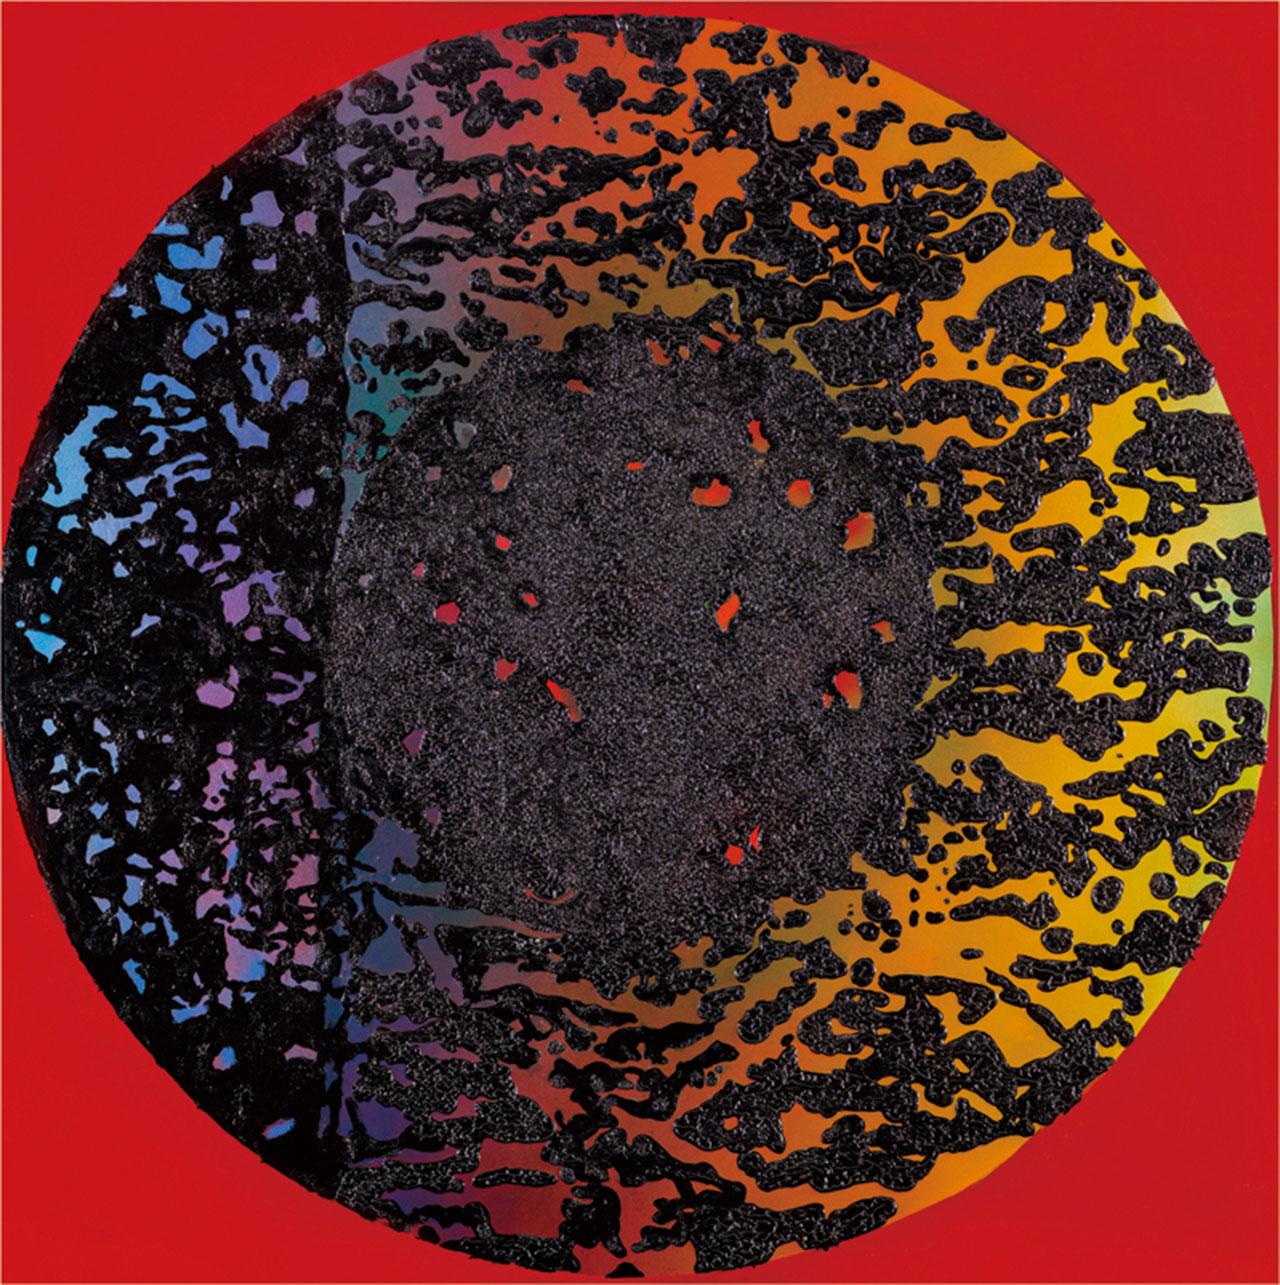 李錫奇 漢采本位11 漆畫複合媒材 120x120cm